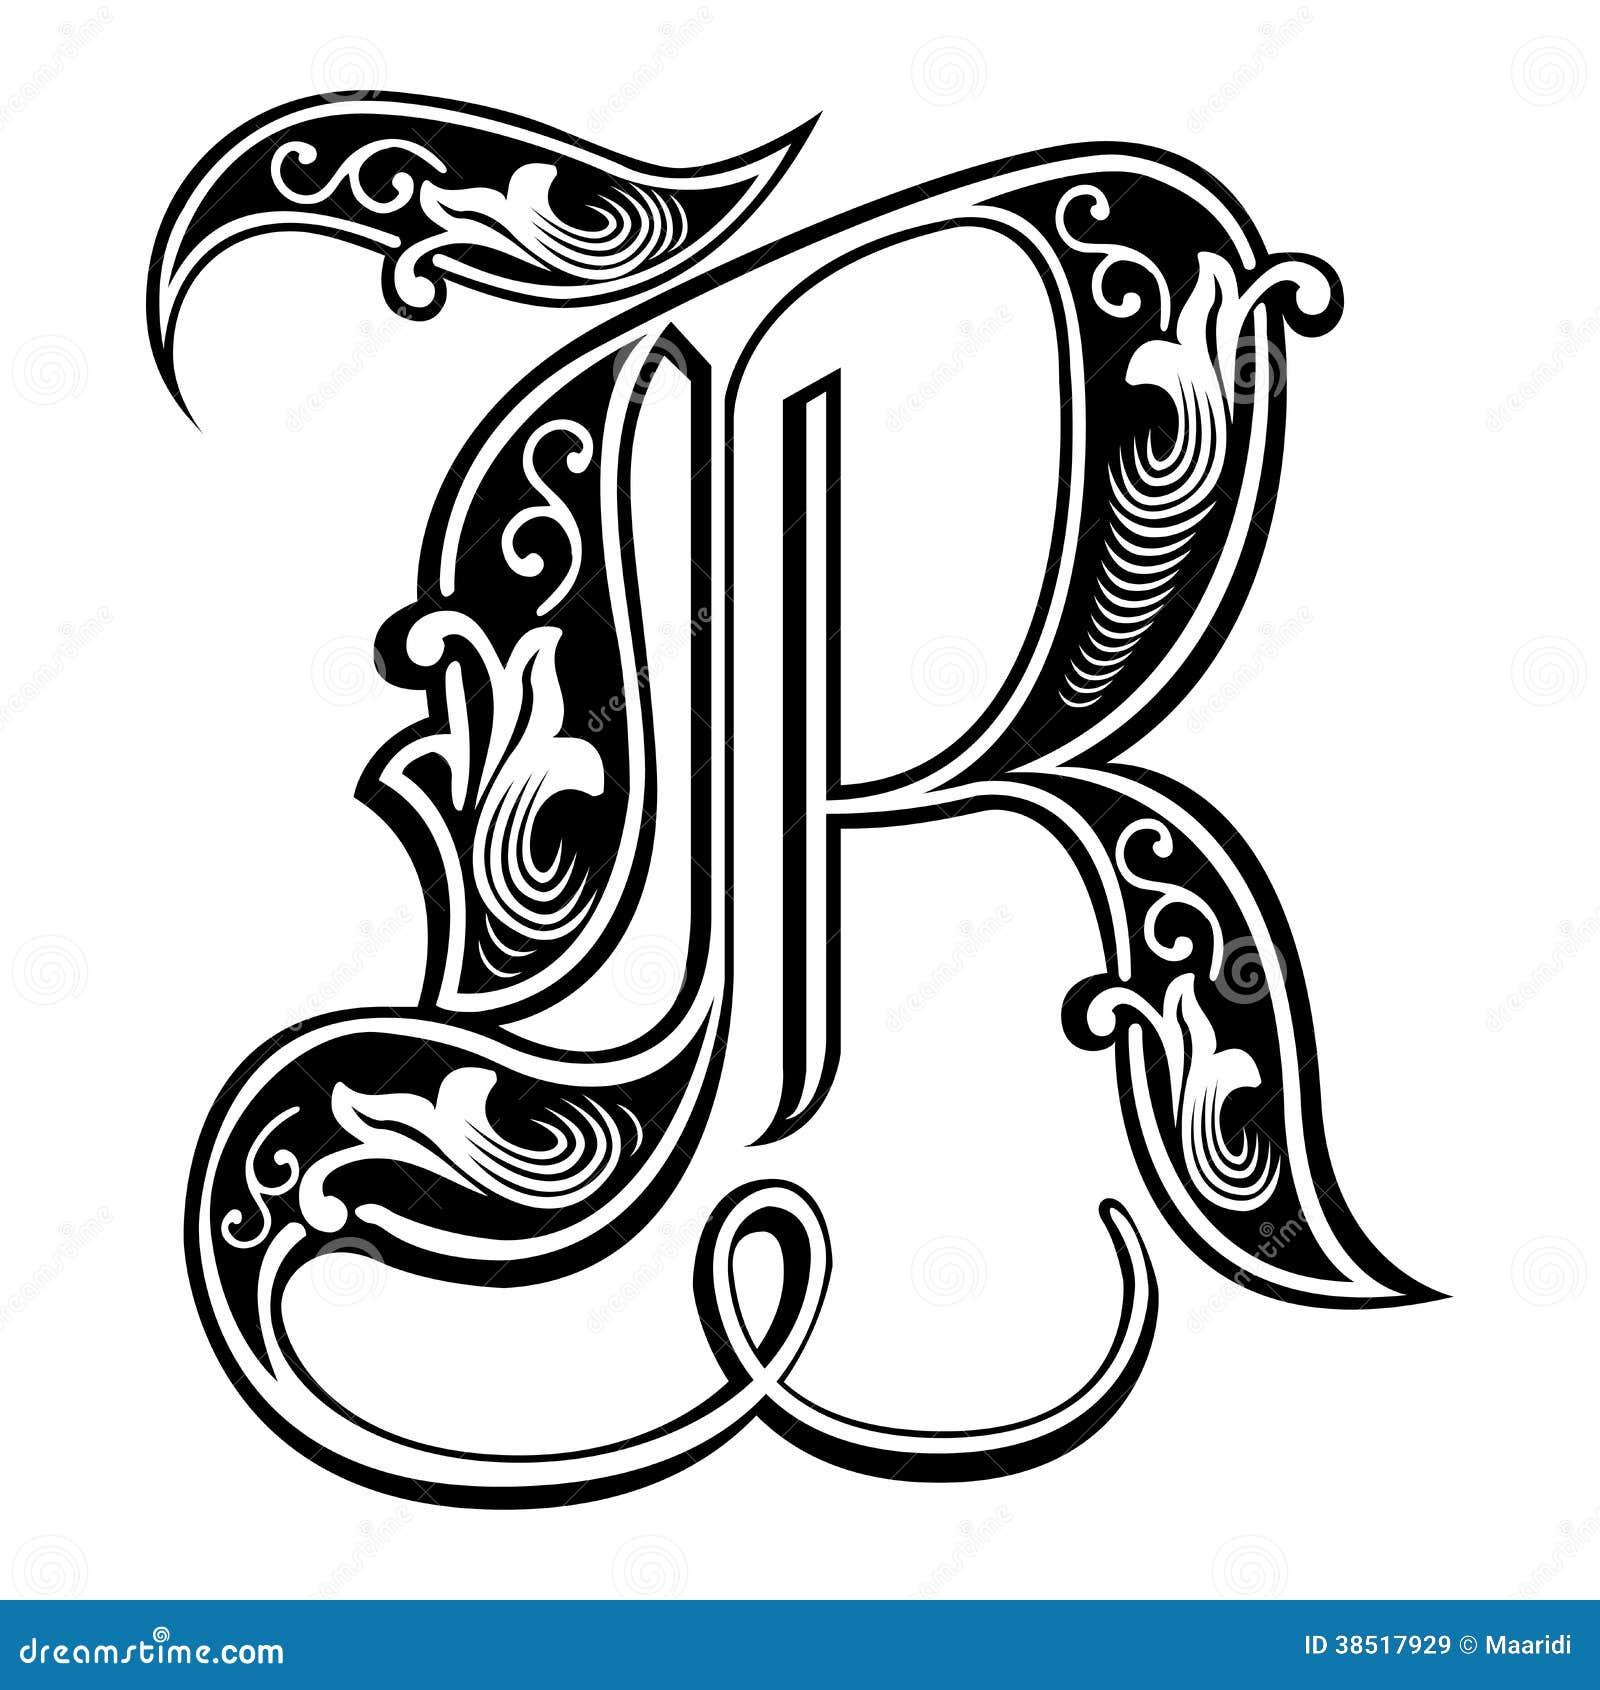 158329743123458663 likewise Dejavu Serif Book together with  likewise Illustration Stock La Conception De Zentangle D Alpaga Pour Livre De Coloriage Pour L Adulte Logo T Shirt Conoivent Et Ainsi De Suite Image66826548 likewise Sport Lisboa E Benfica Monochrome. on letter e logo